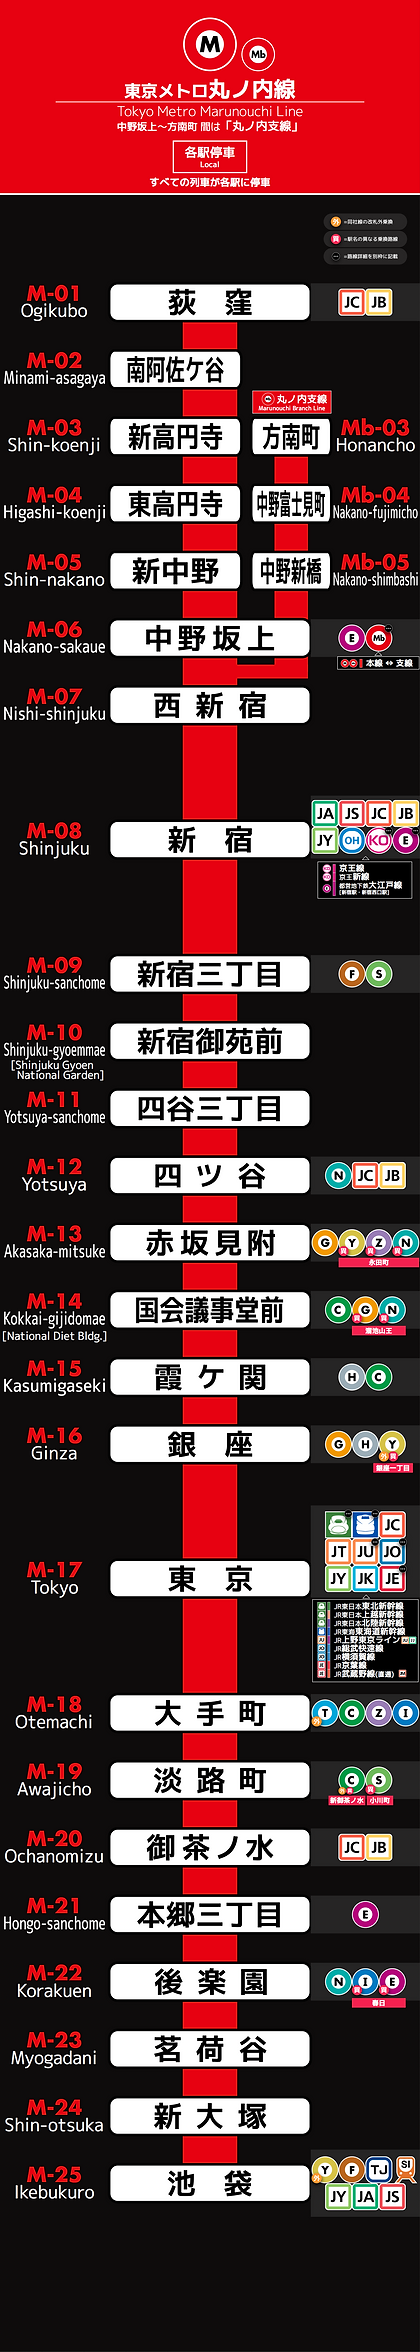 東京メトロ丸ノ内線_20210307.png